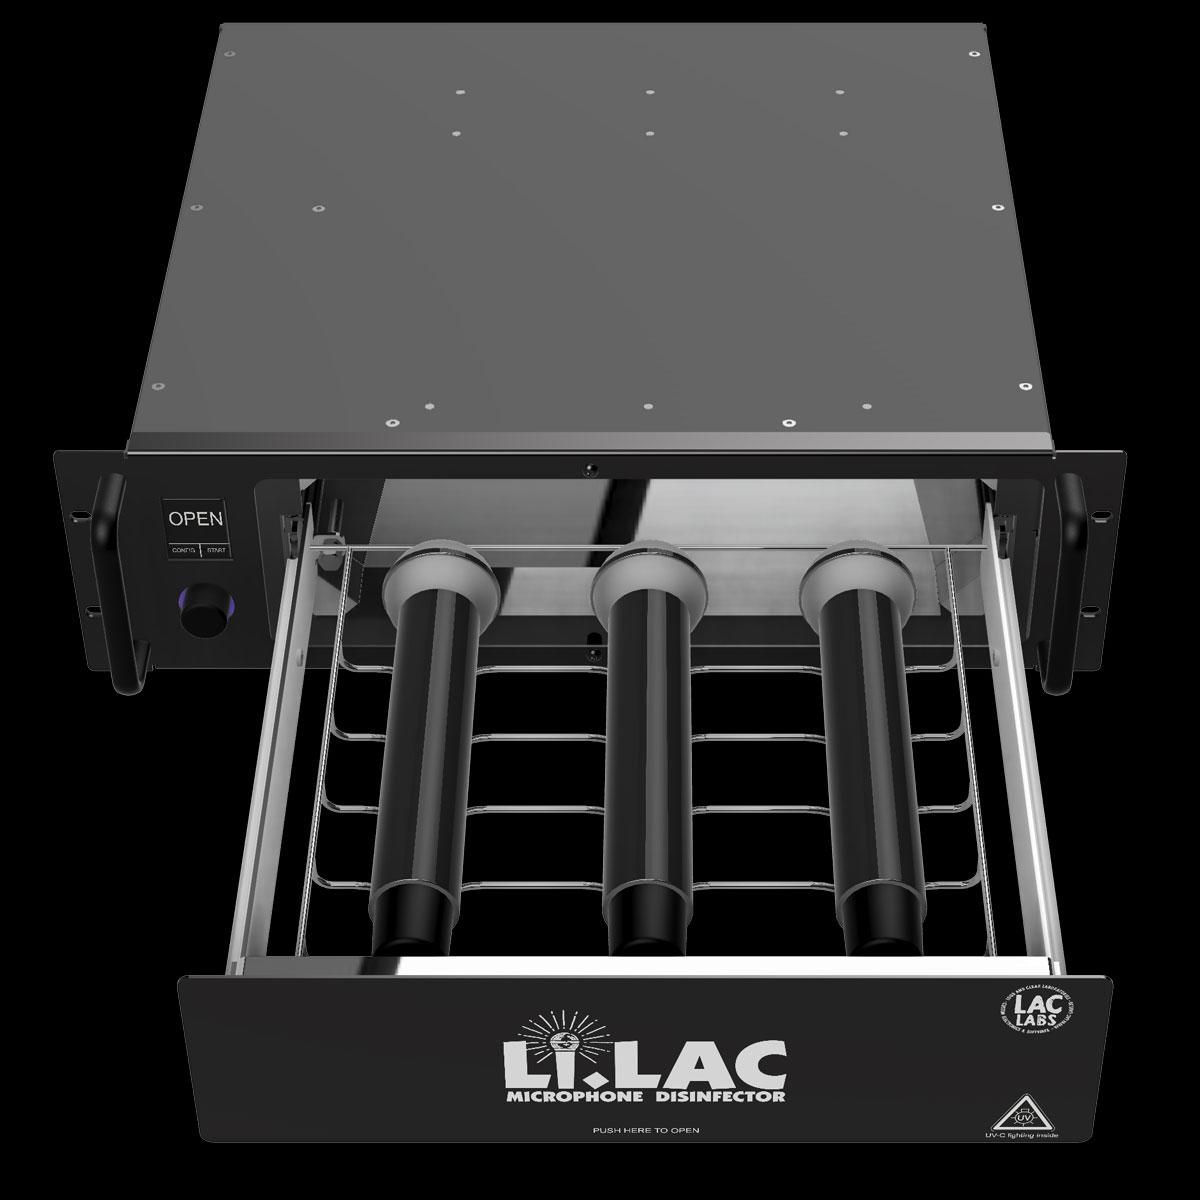 LiLac leicht von oben geöffnet mit 3 Mikrofone